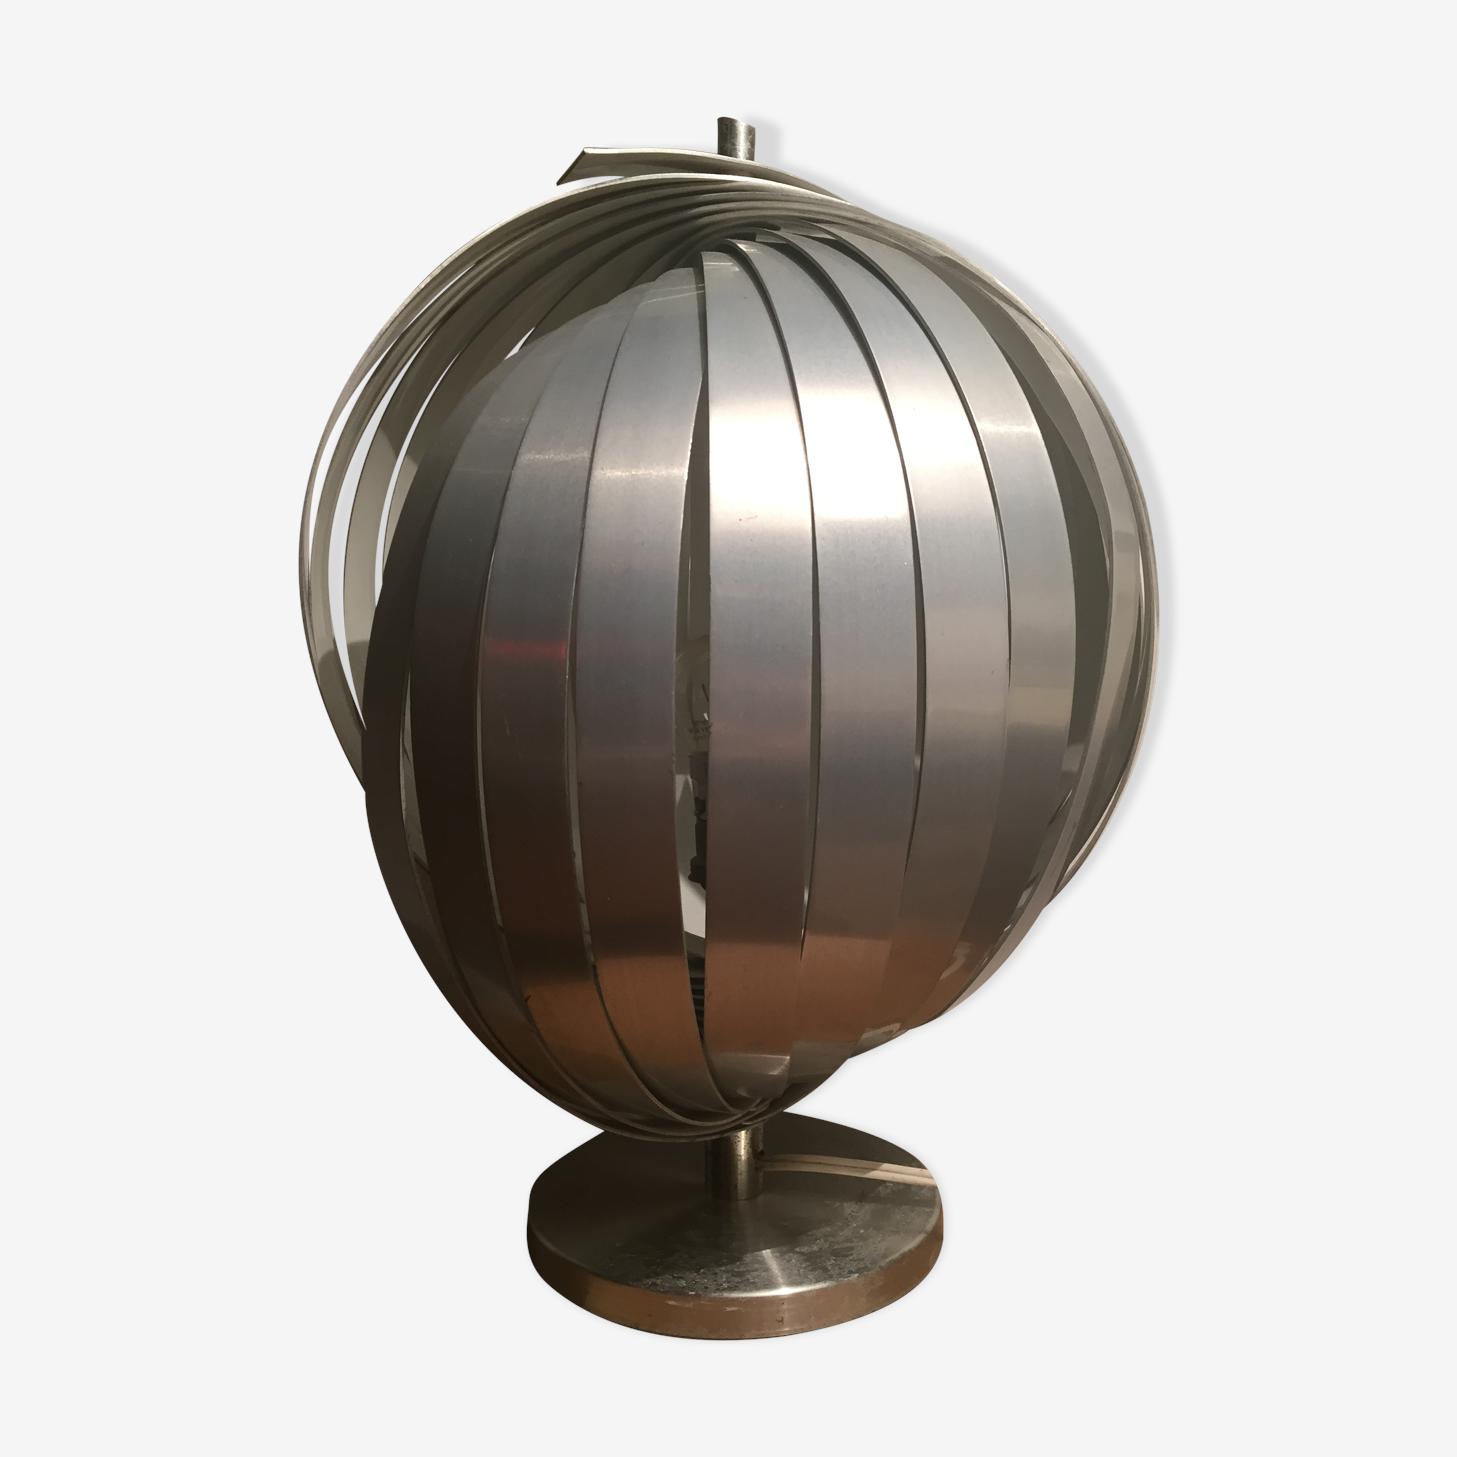 Lampe de table modèle Ménerbes Mathieu